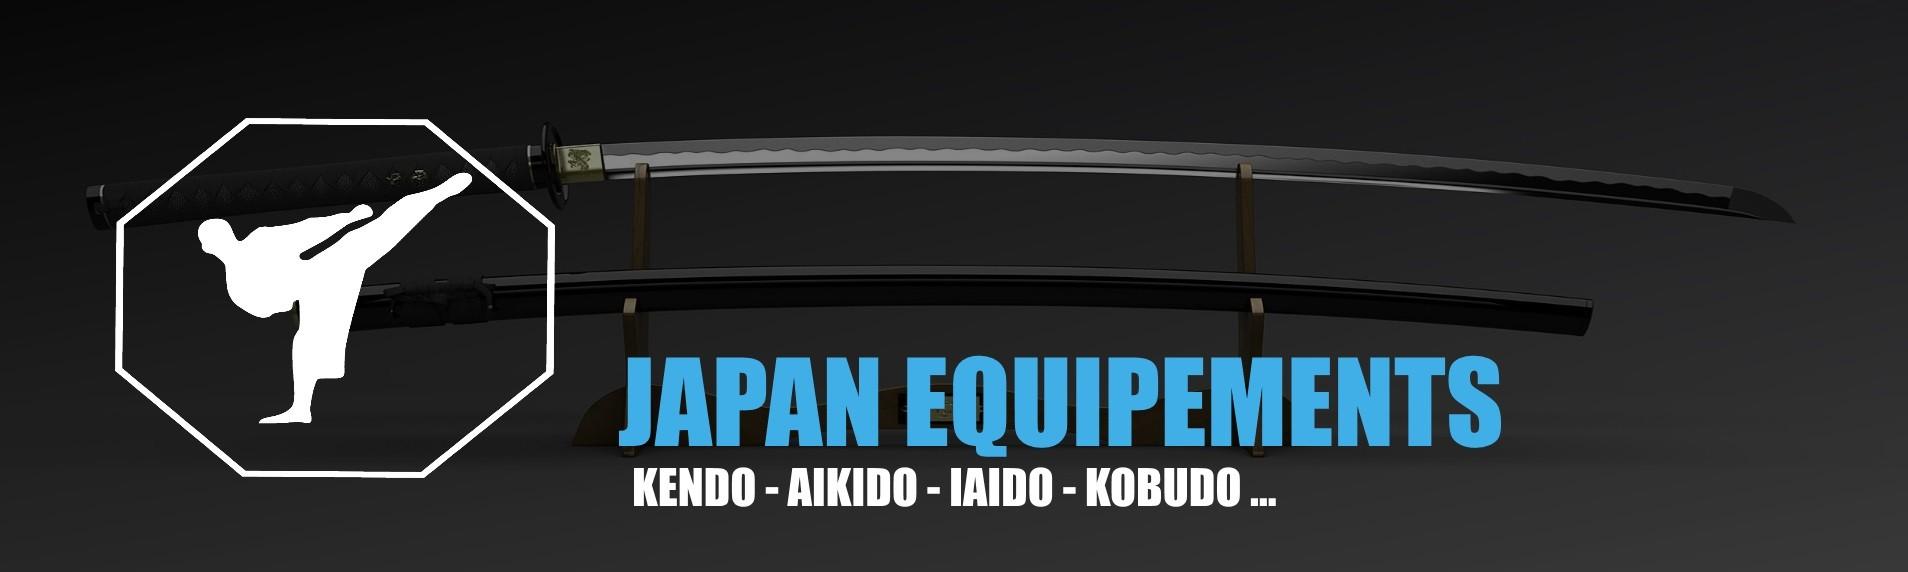 karaté, judo, iaido, kendo, aikido, kobudo,